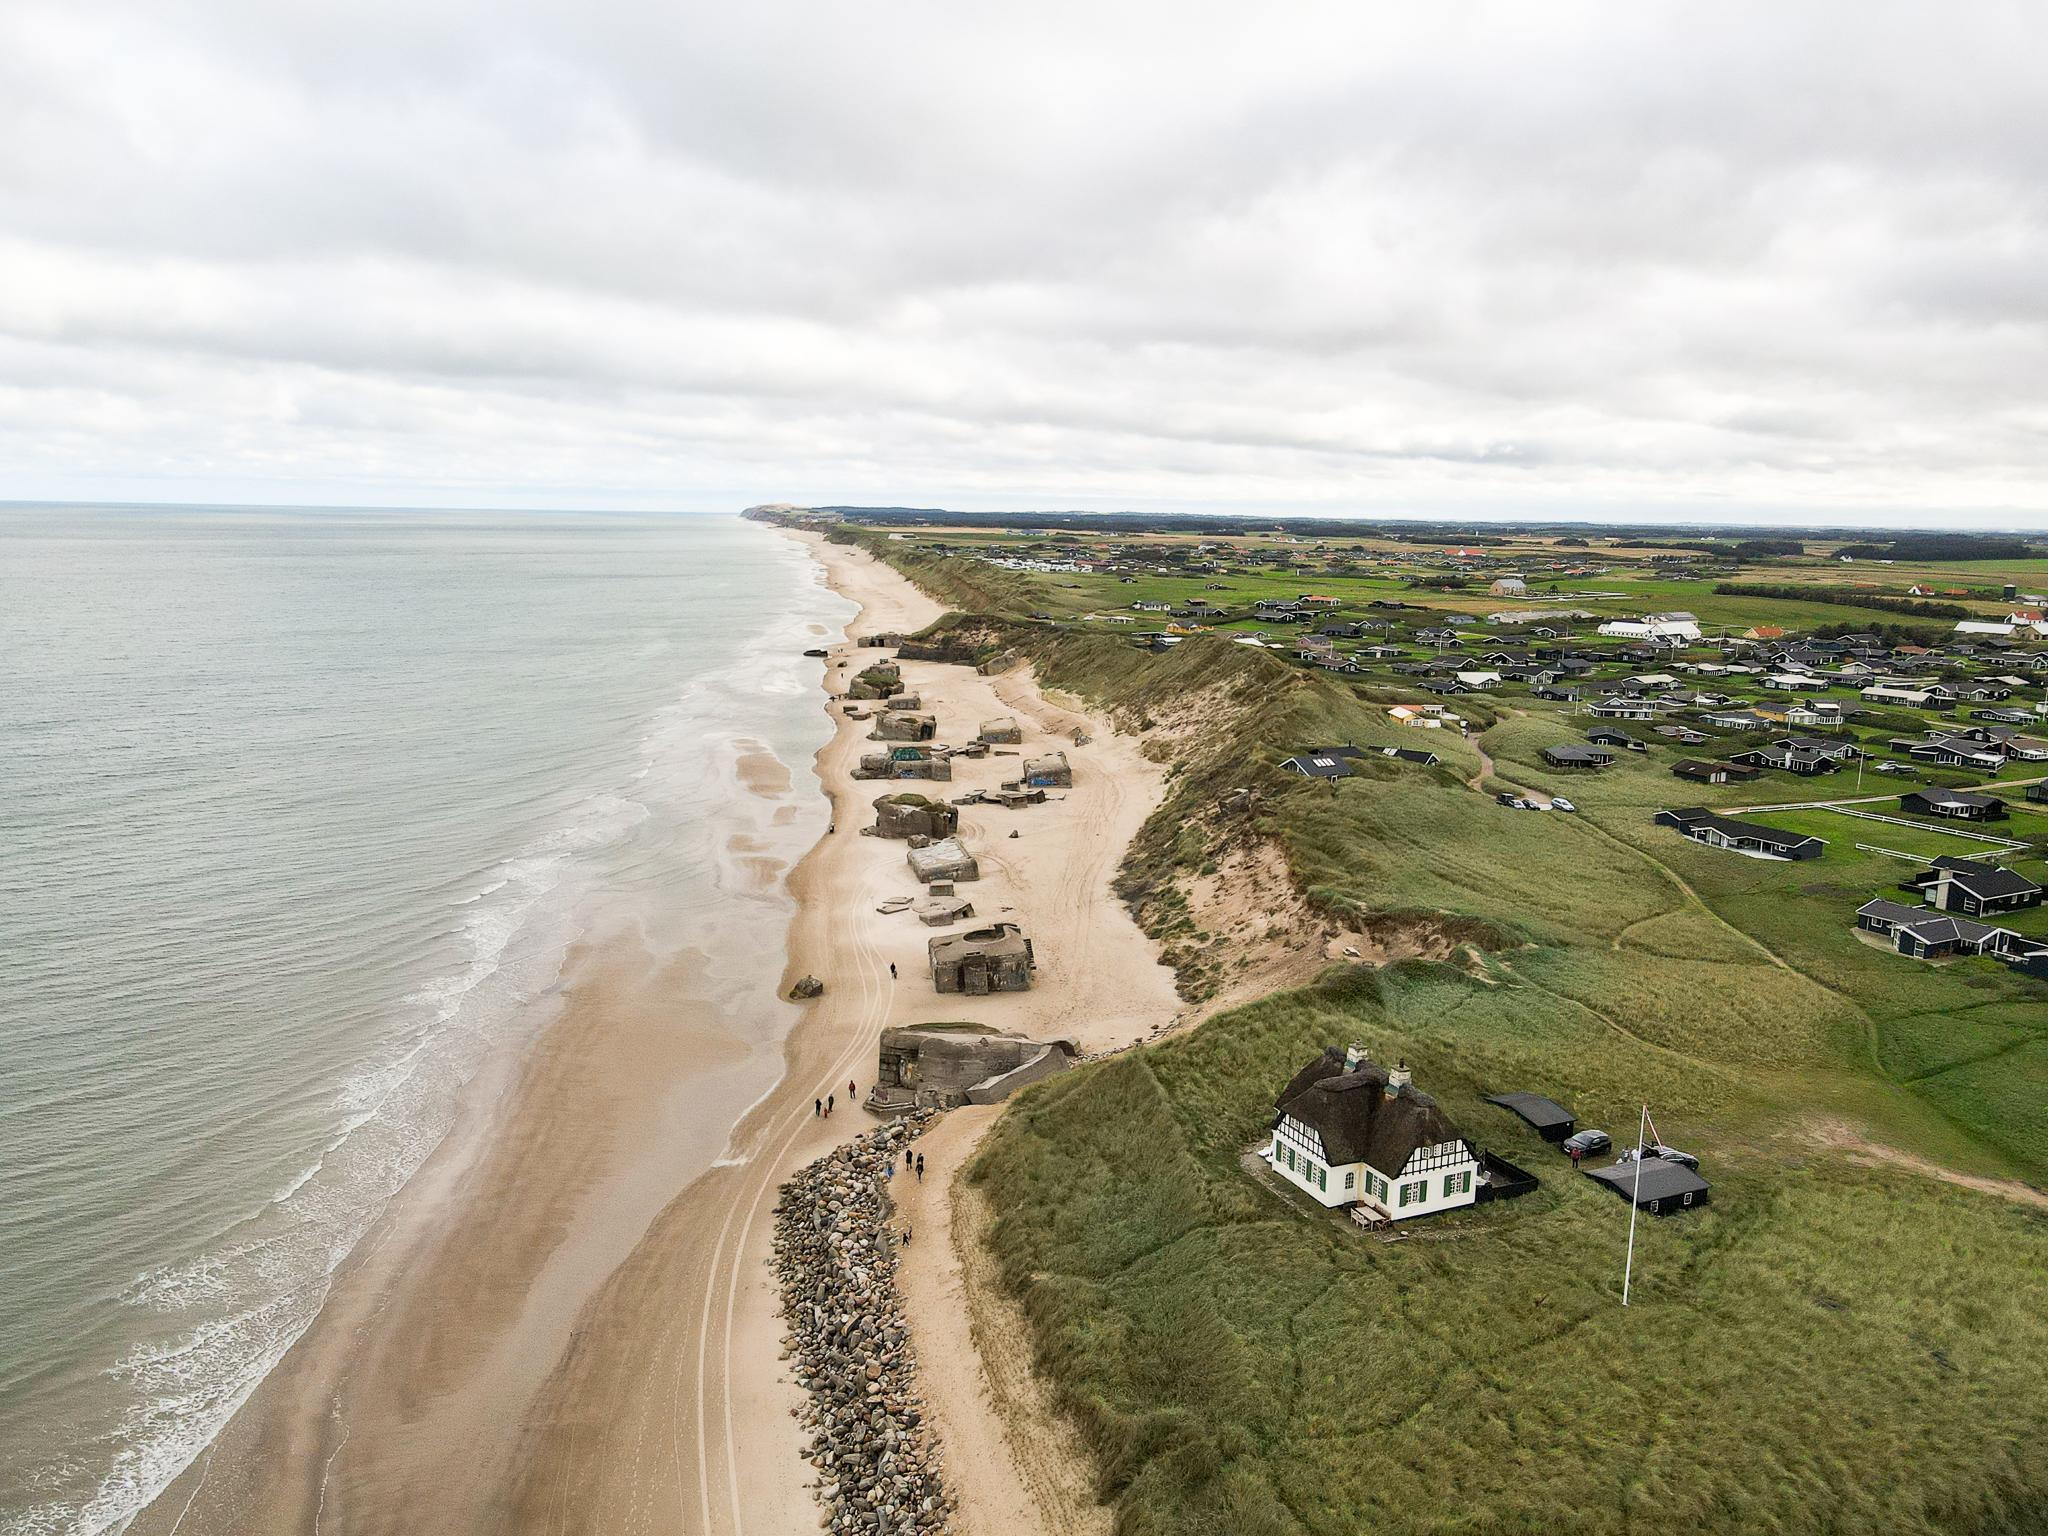 Nordjylland var sidste år et af de mest velbesøgte områder i Danmark sammenlignet med landets øvrige regioner, og udviklingen lader til at fortsætte i 2021. Pressefoto: Destination Nordvestkysten.